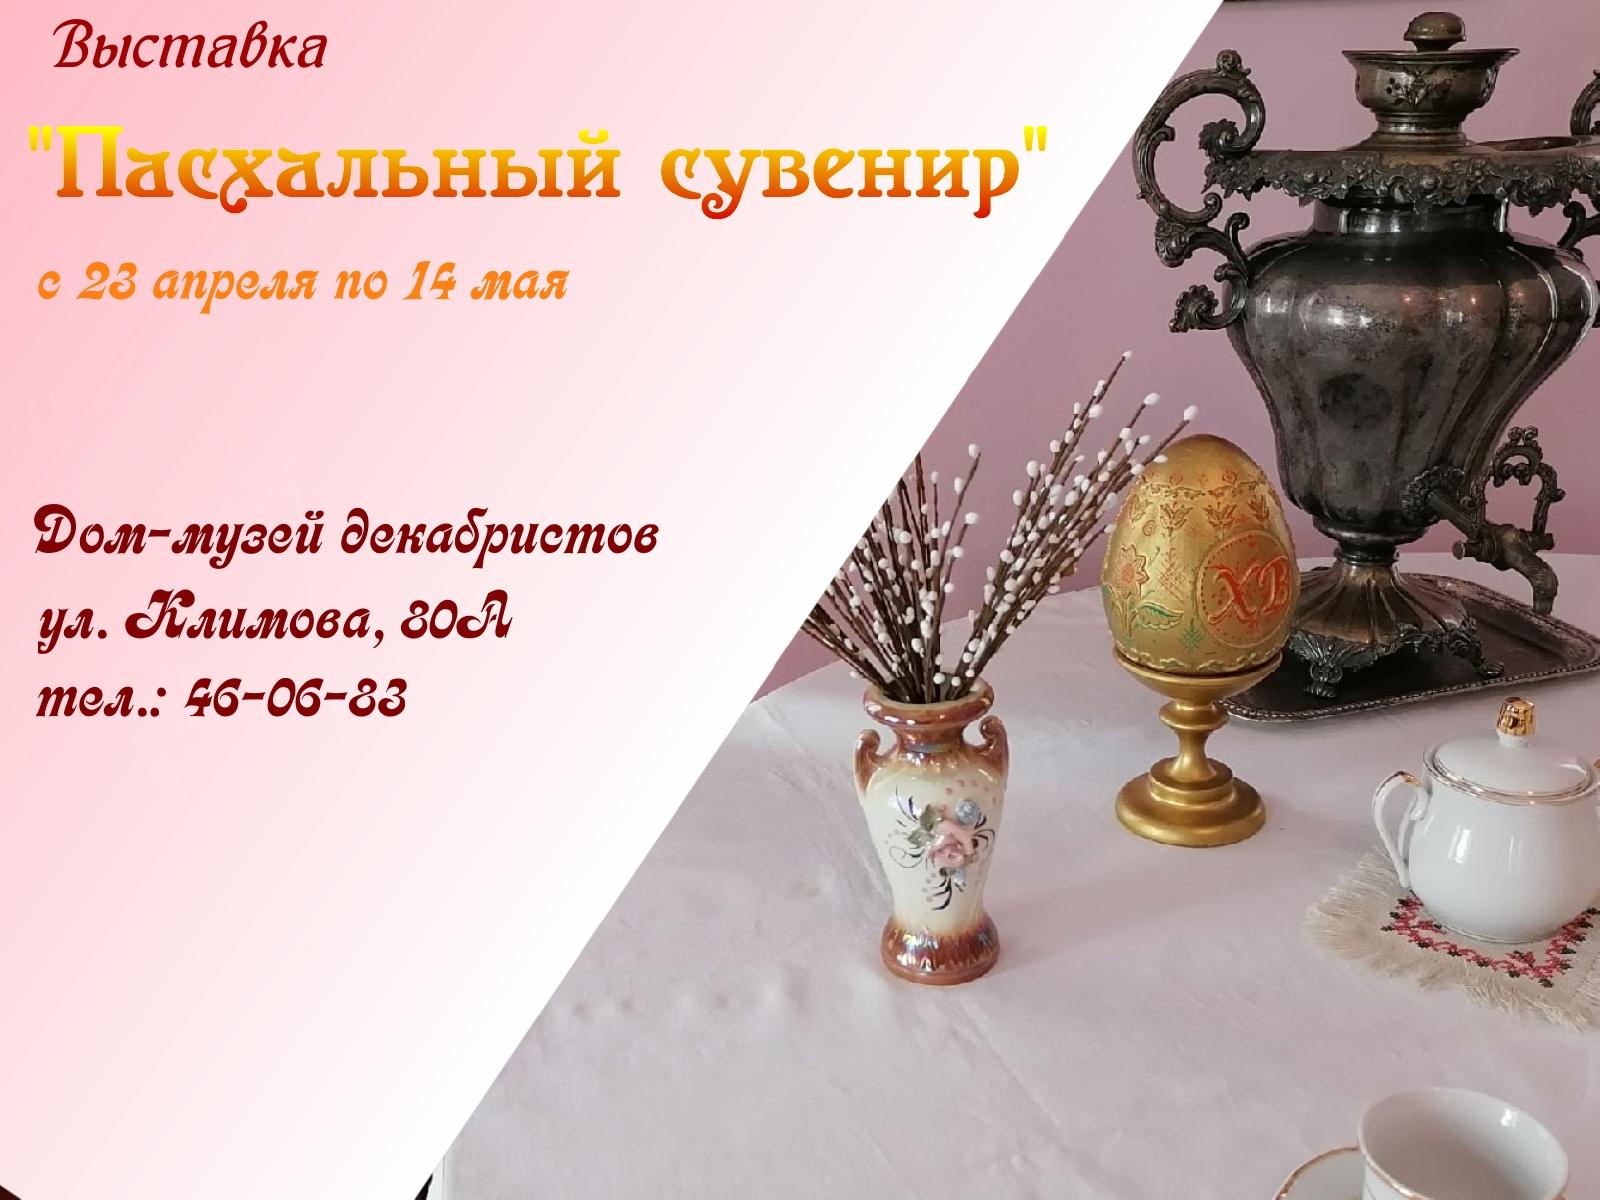 мероприятие Выставка ПАСХАЛЬНЫЙ СУВЕНИР курган афиша расписание